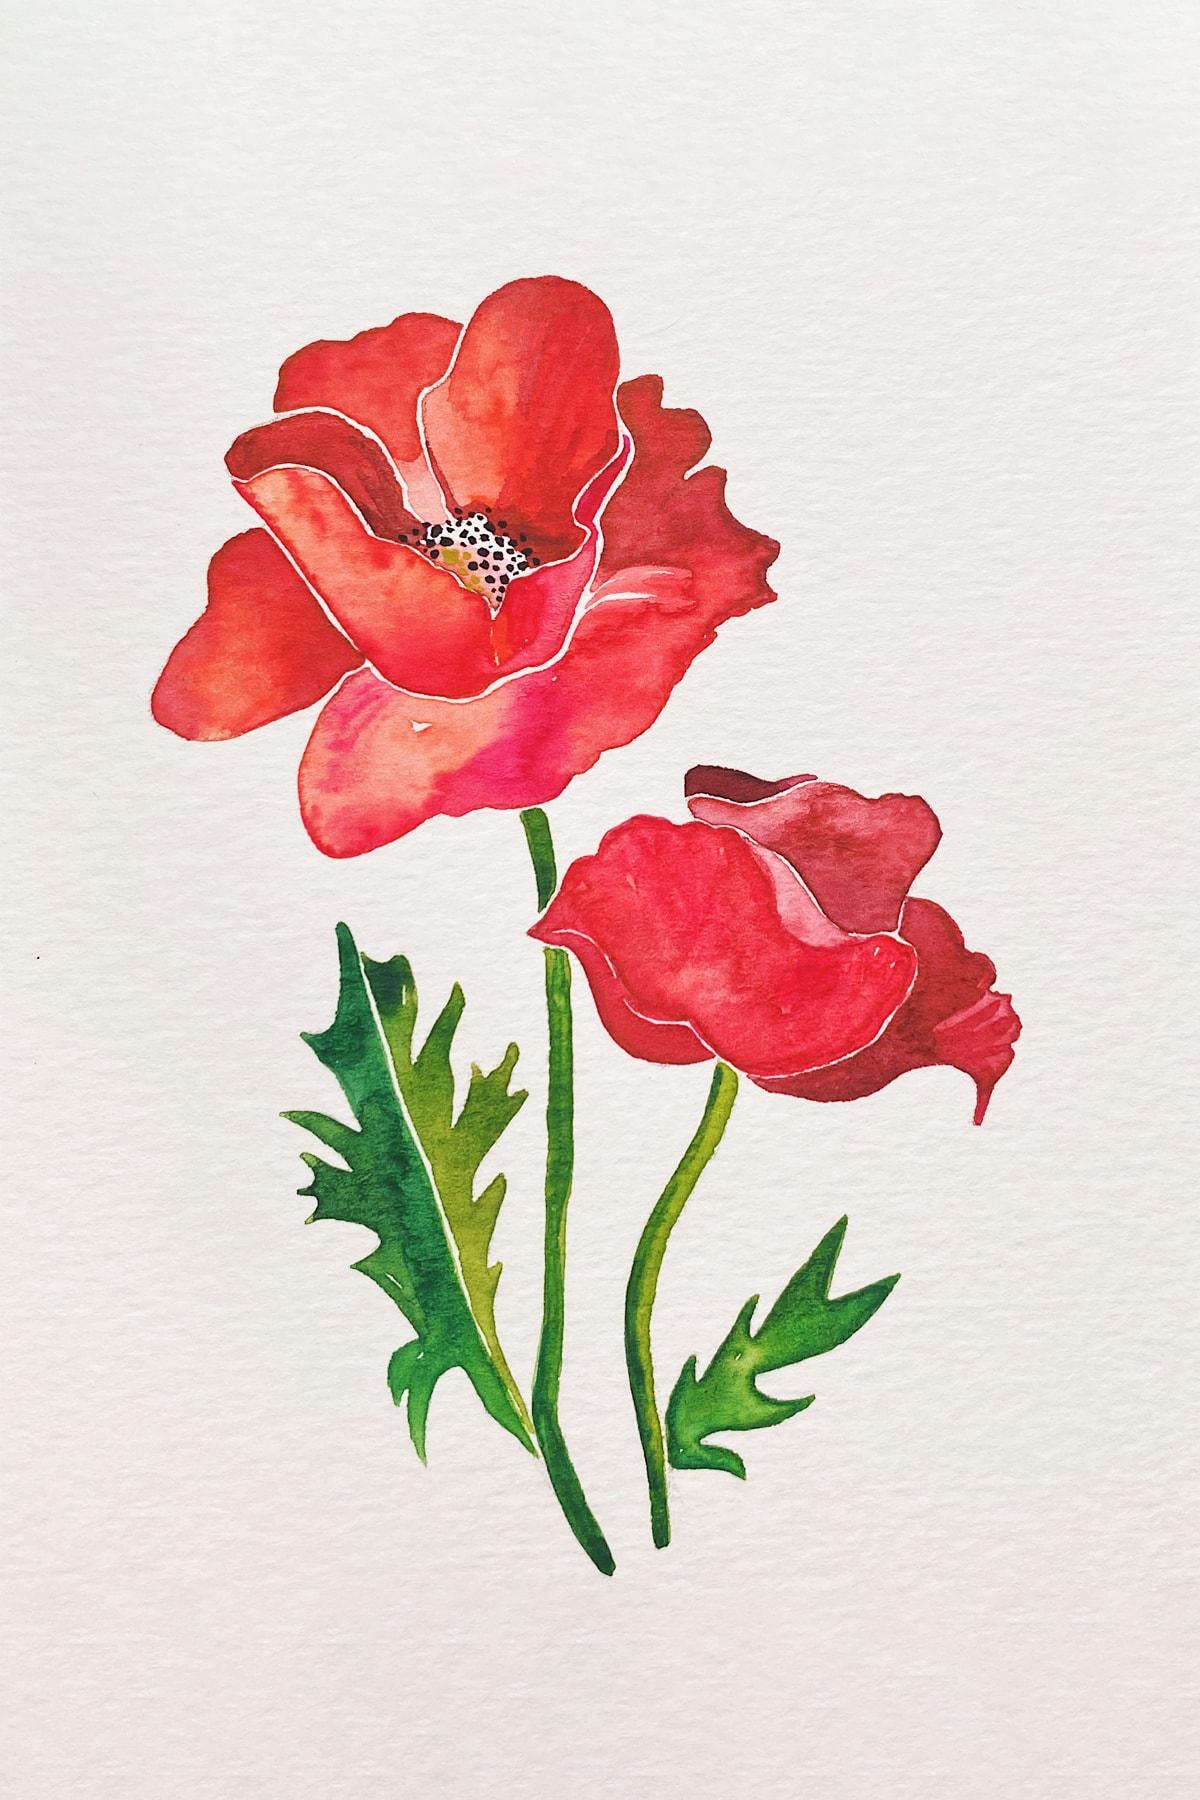 poppy-red-min